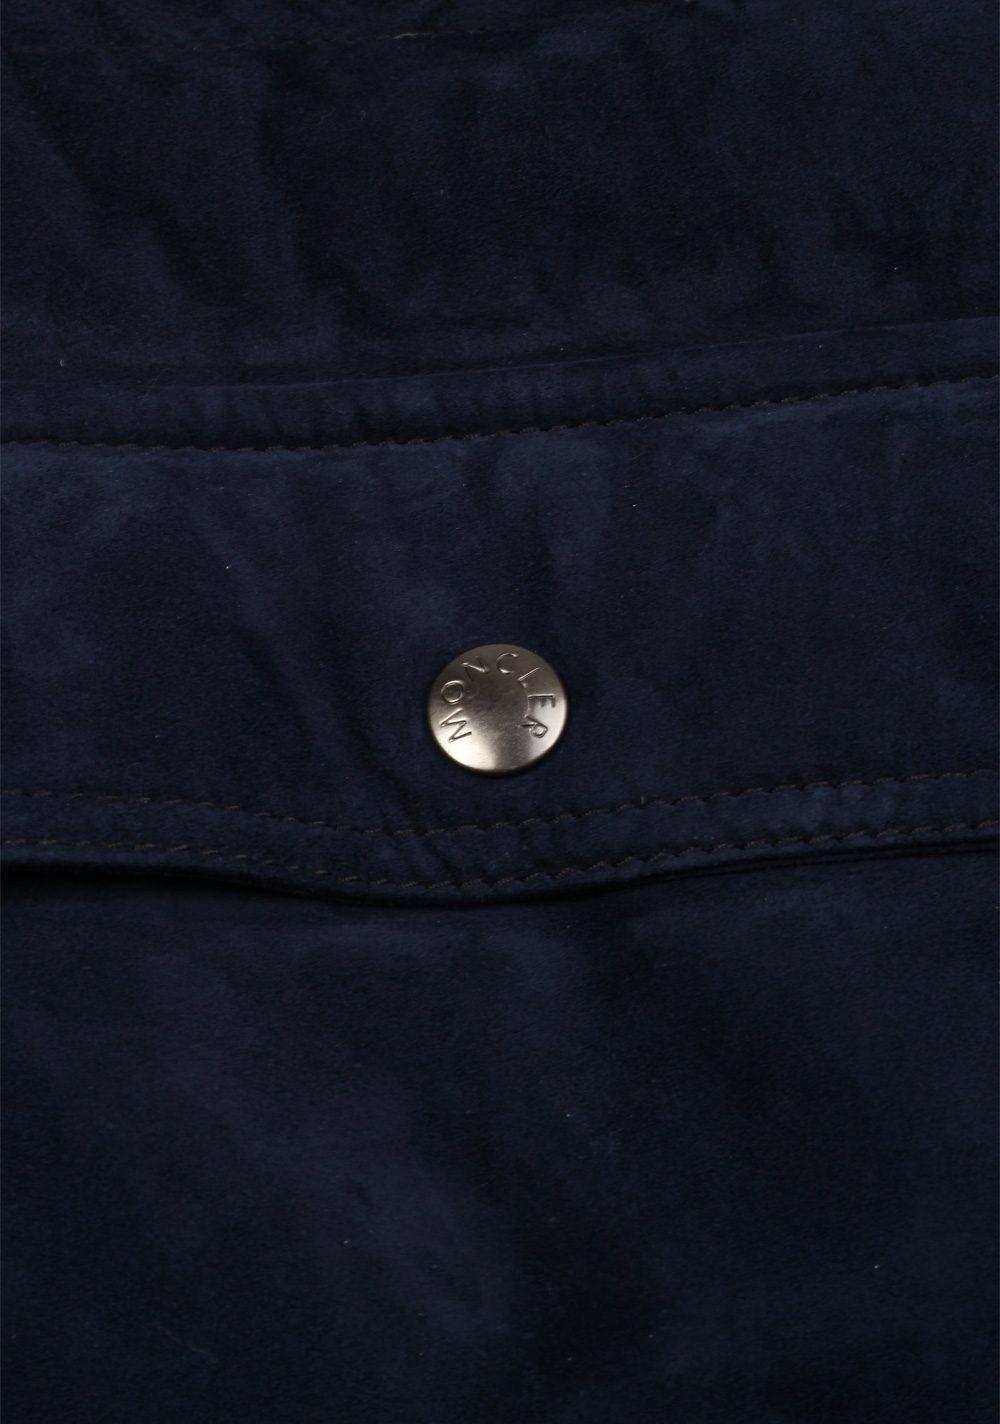 Moncler Navy Maglia Suede Cardigan Coat Size L / 50 / 40 U.S. | Costume Limité